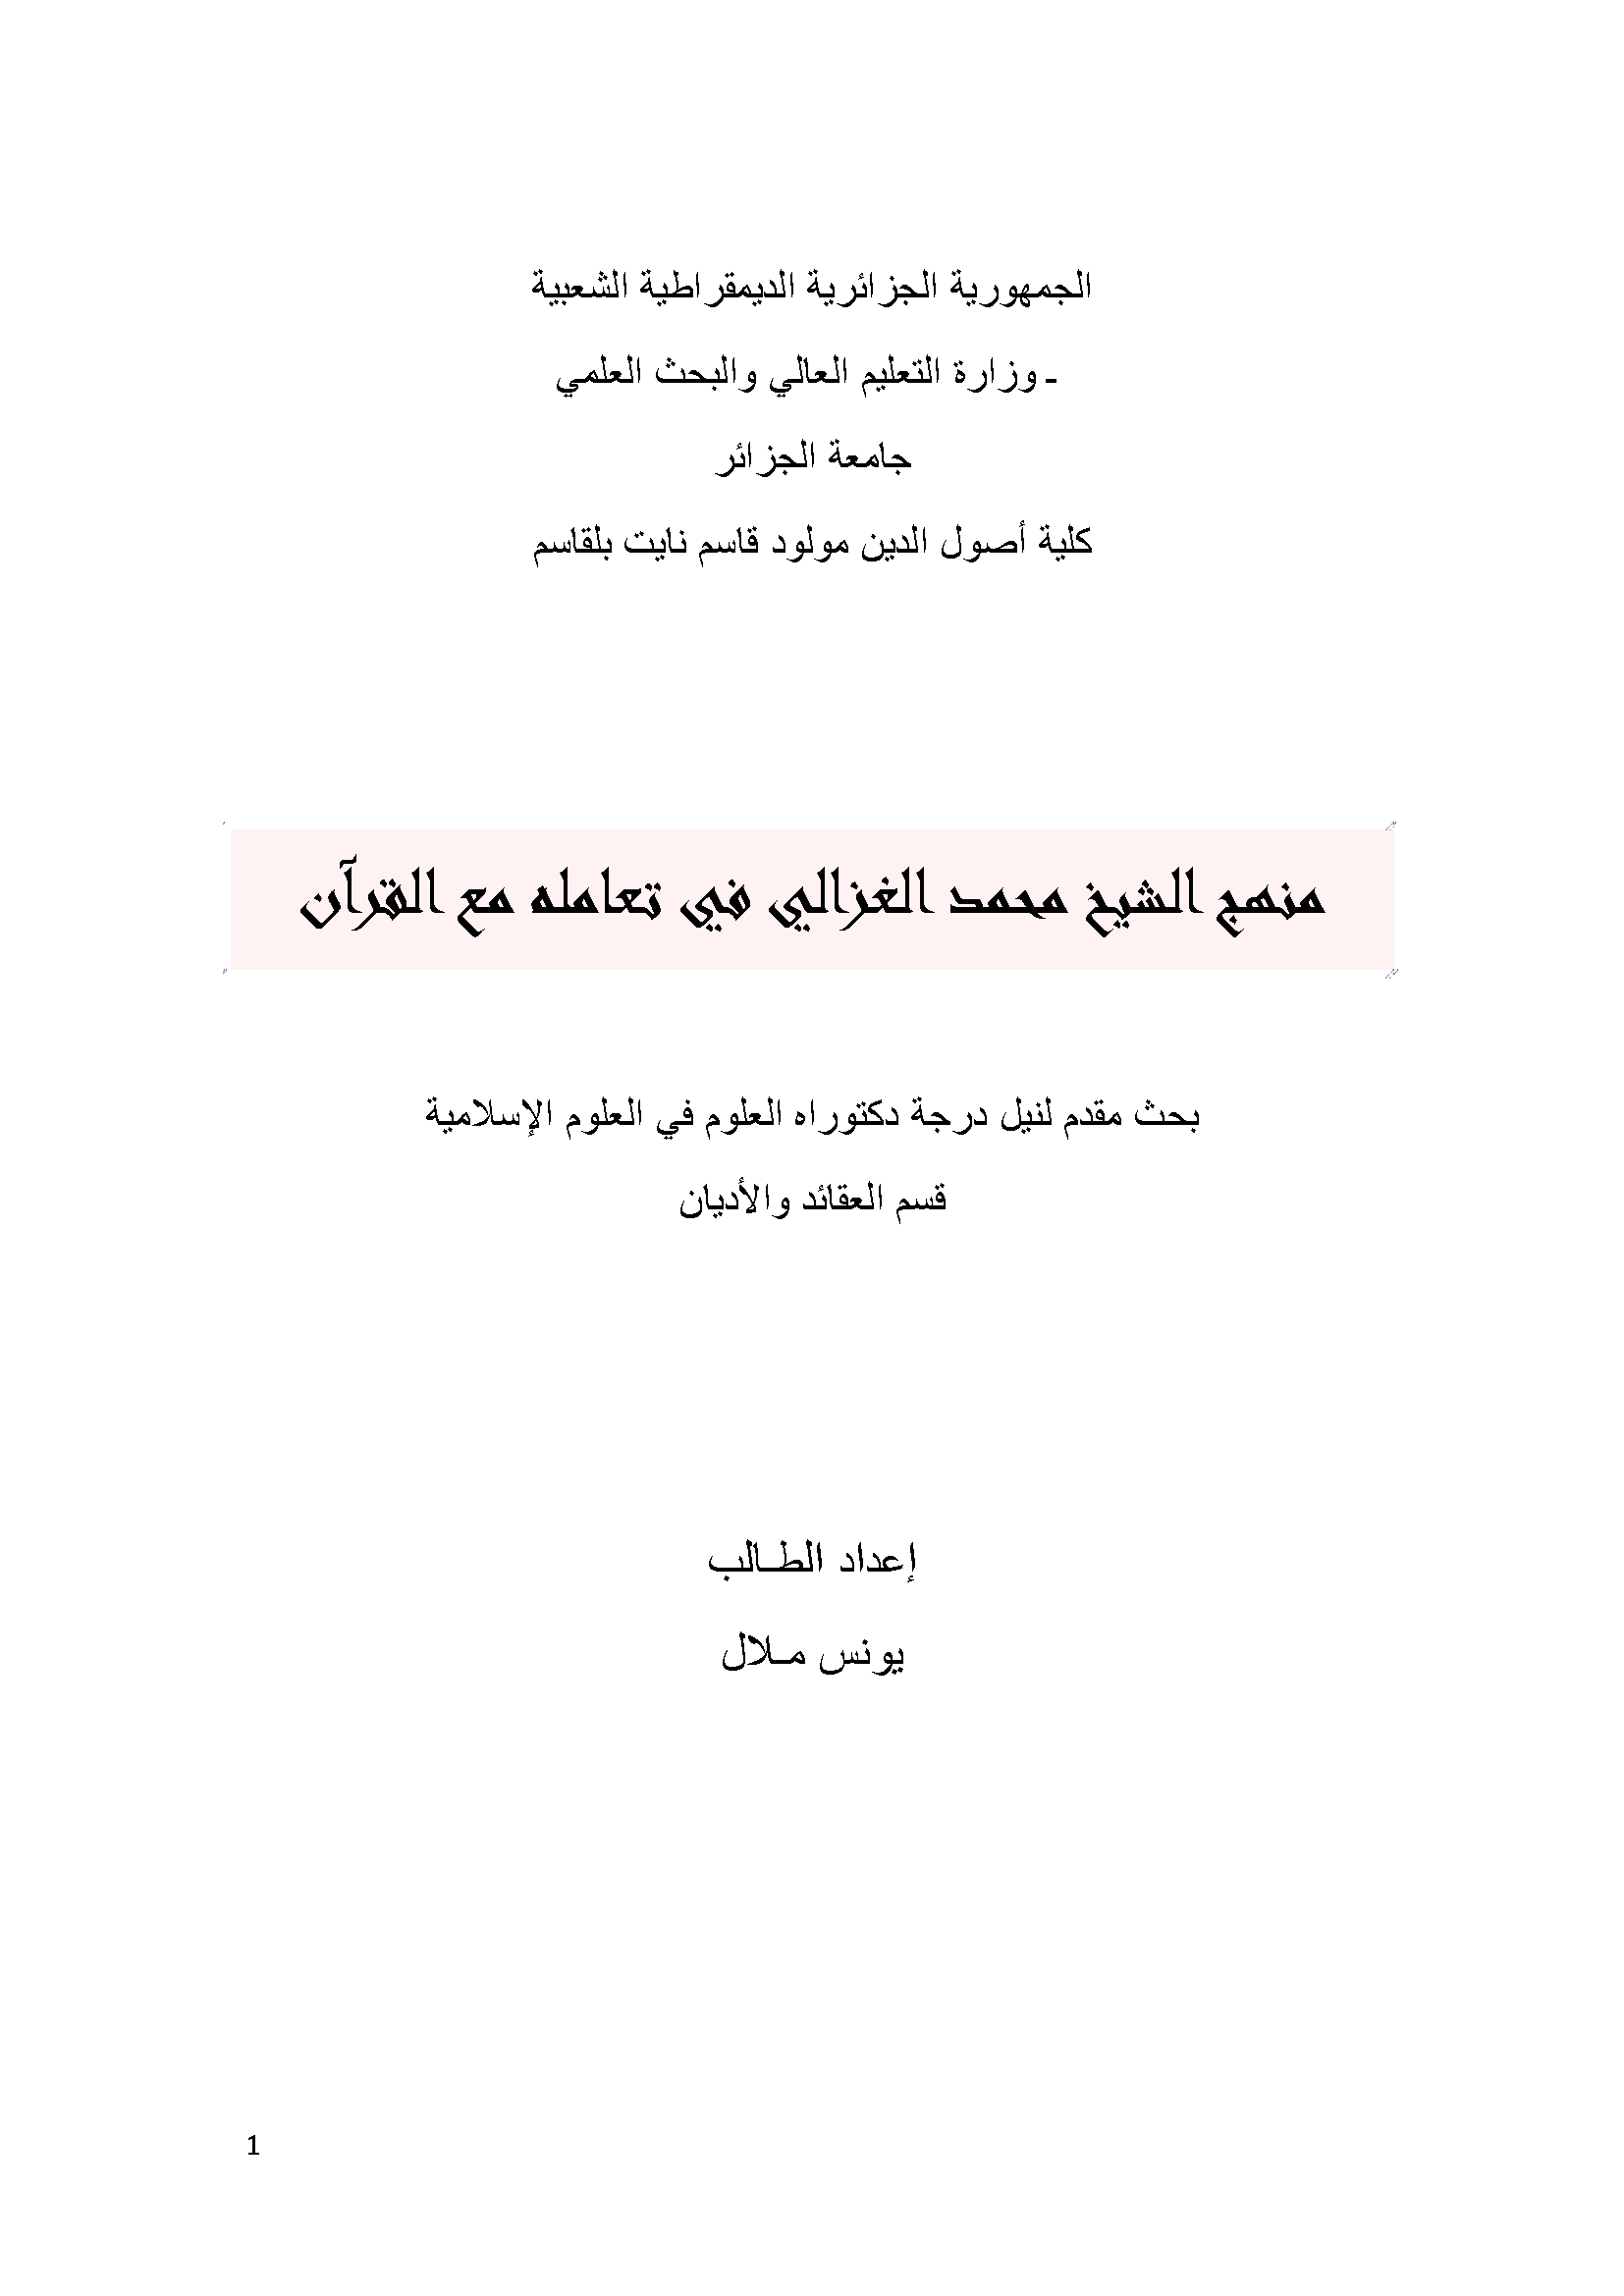 تحميل كتاب منهج الشيخ محمد الغزالي في تعامله مع القرآن لـِ: الدكتور يونس ملال